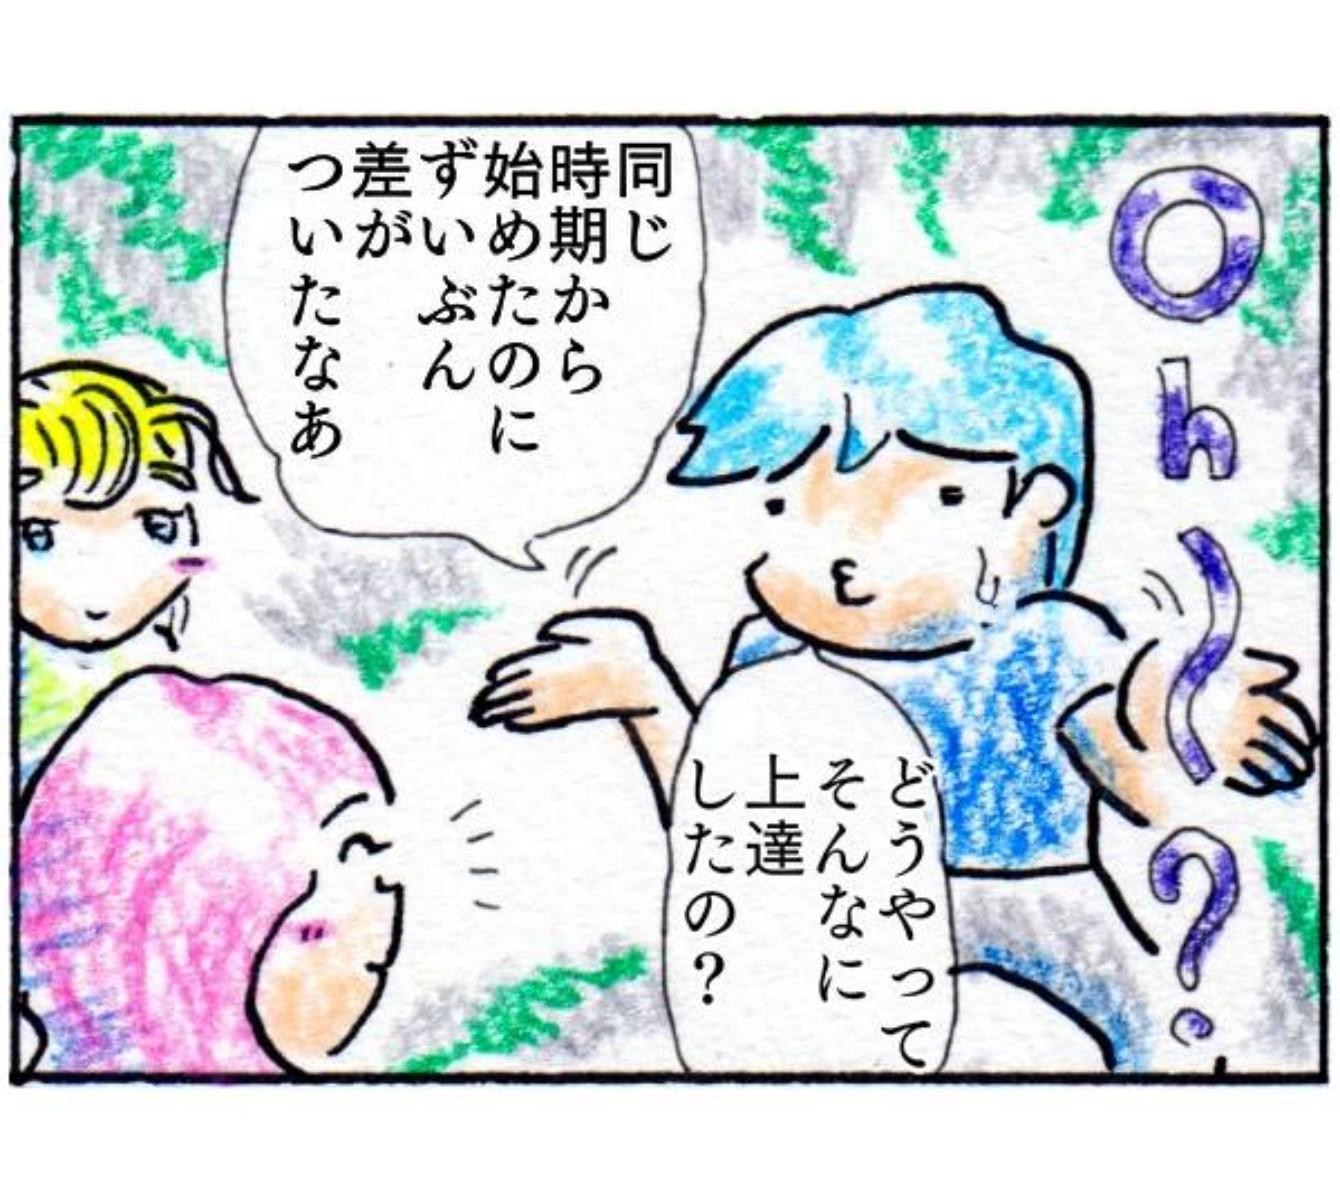 『独学で英語をマスターした通訳者のお勧め勉強法』